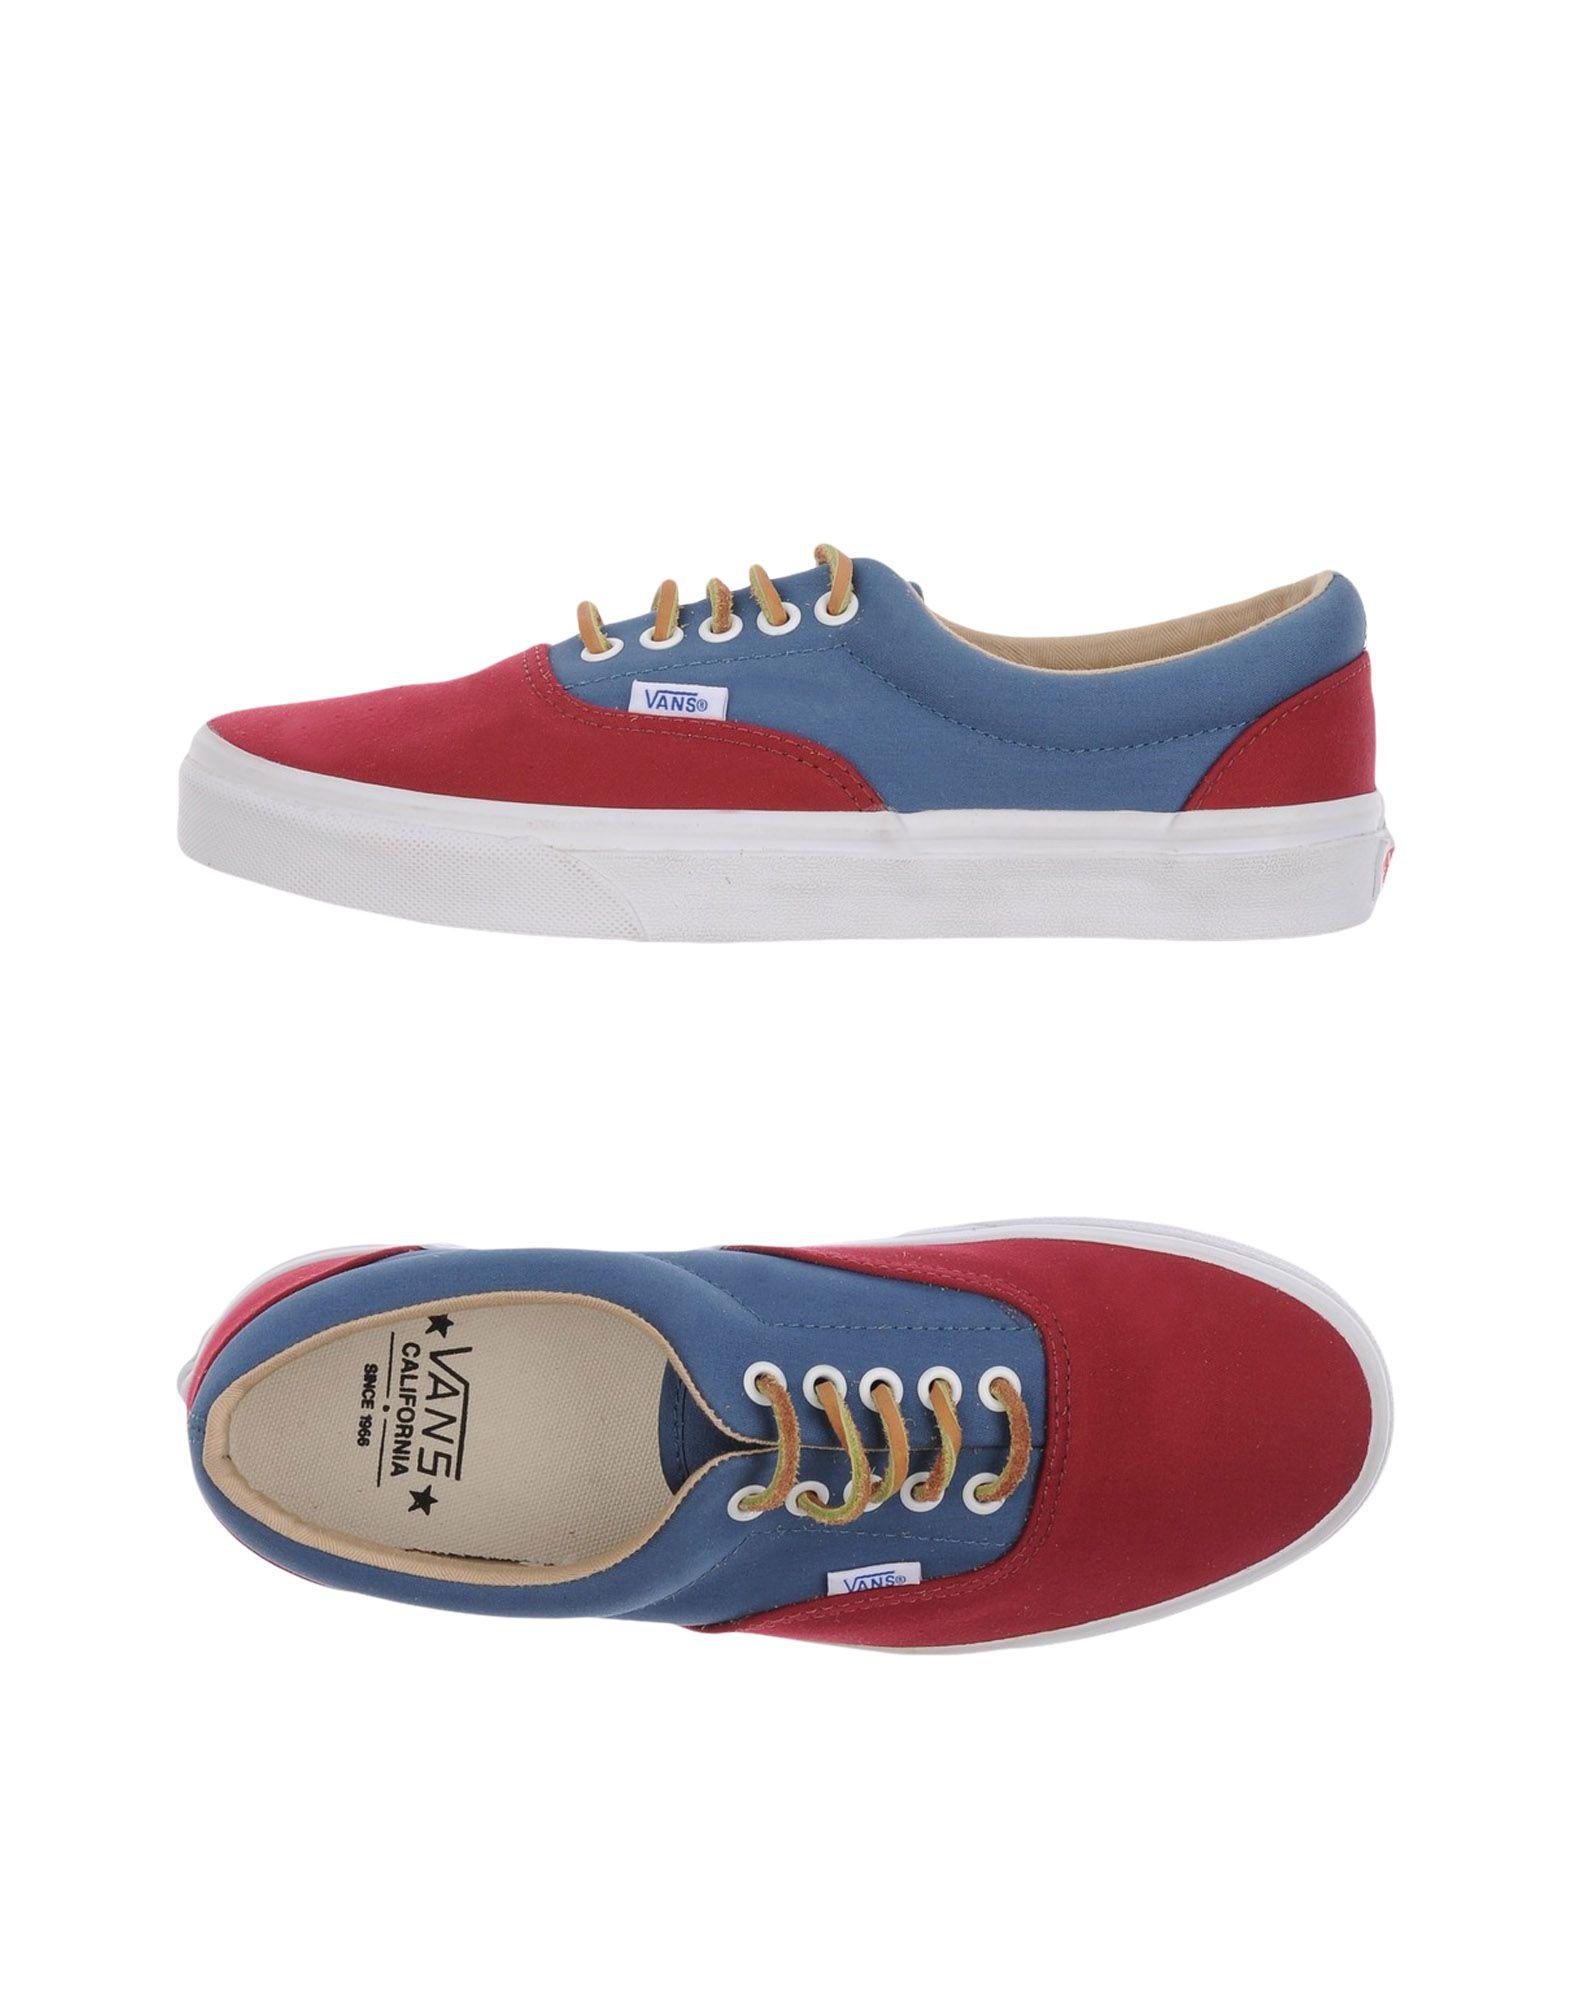 VANS CALIFORNIA Низкие кеды и кроссовки vans california низкие кеды и кроссовки